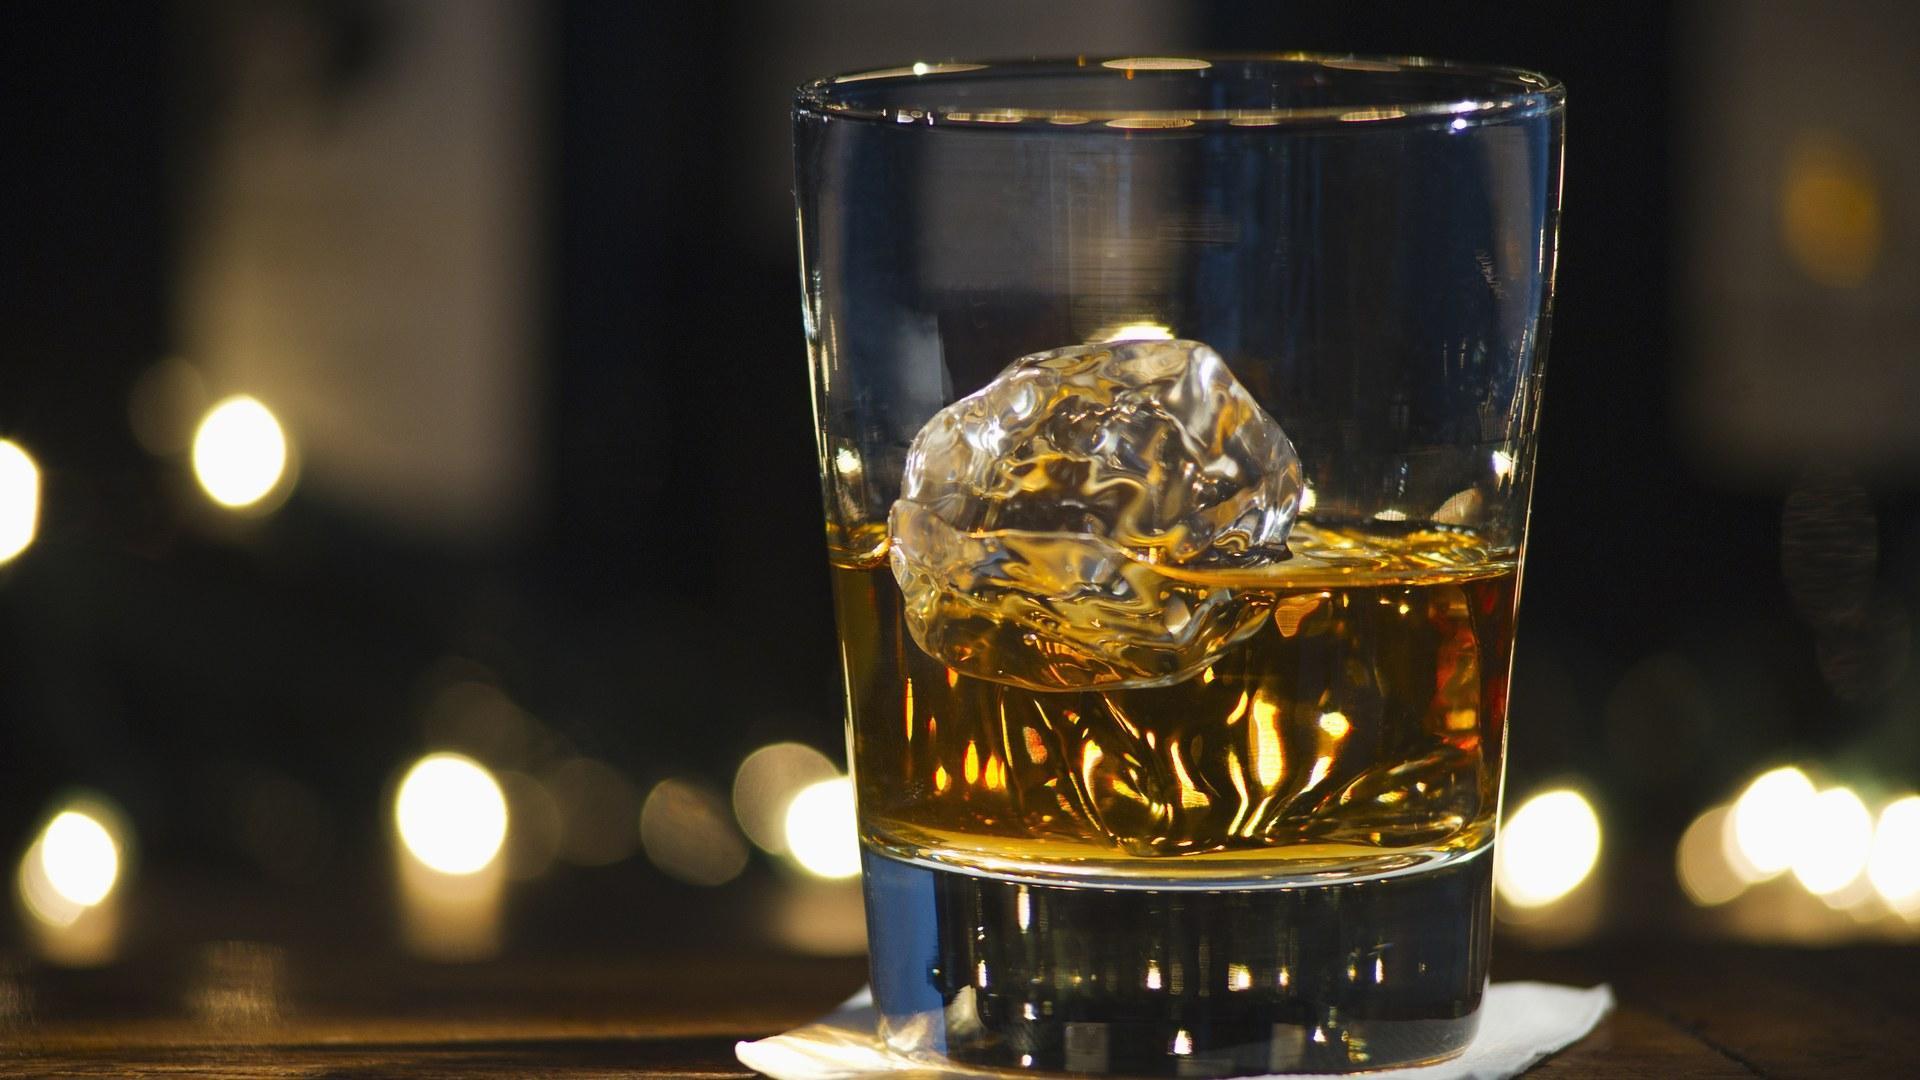 Алкоголь оказался еще опаснее. Ученые объявили о новых «безопасных» дозах выпивки